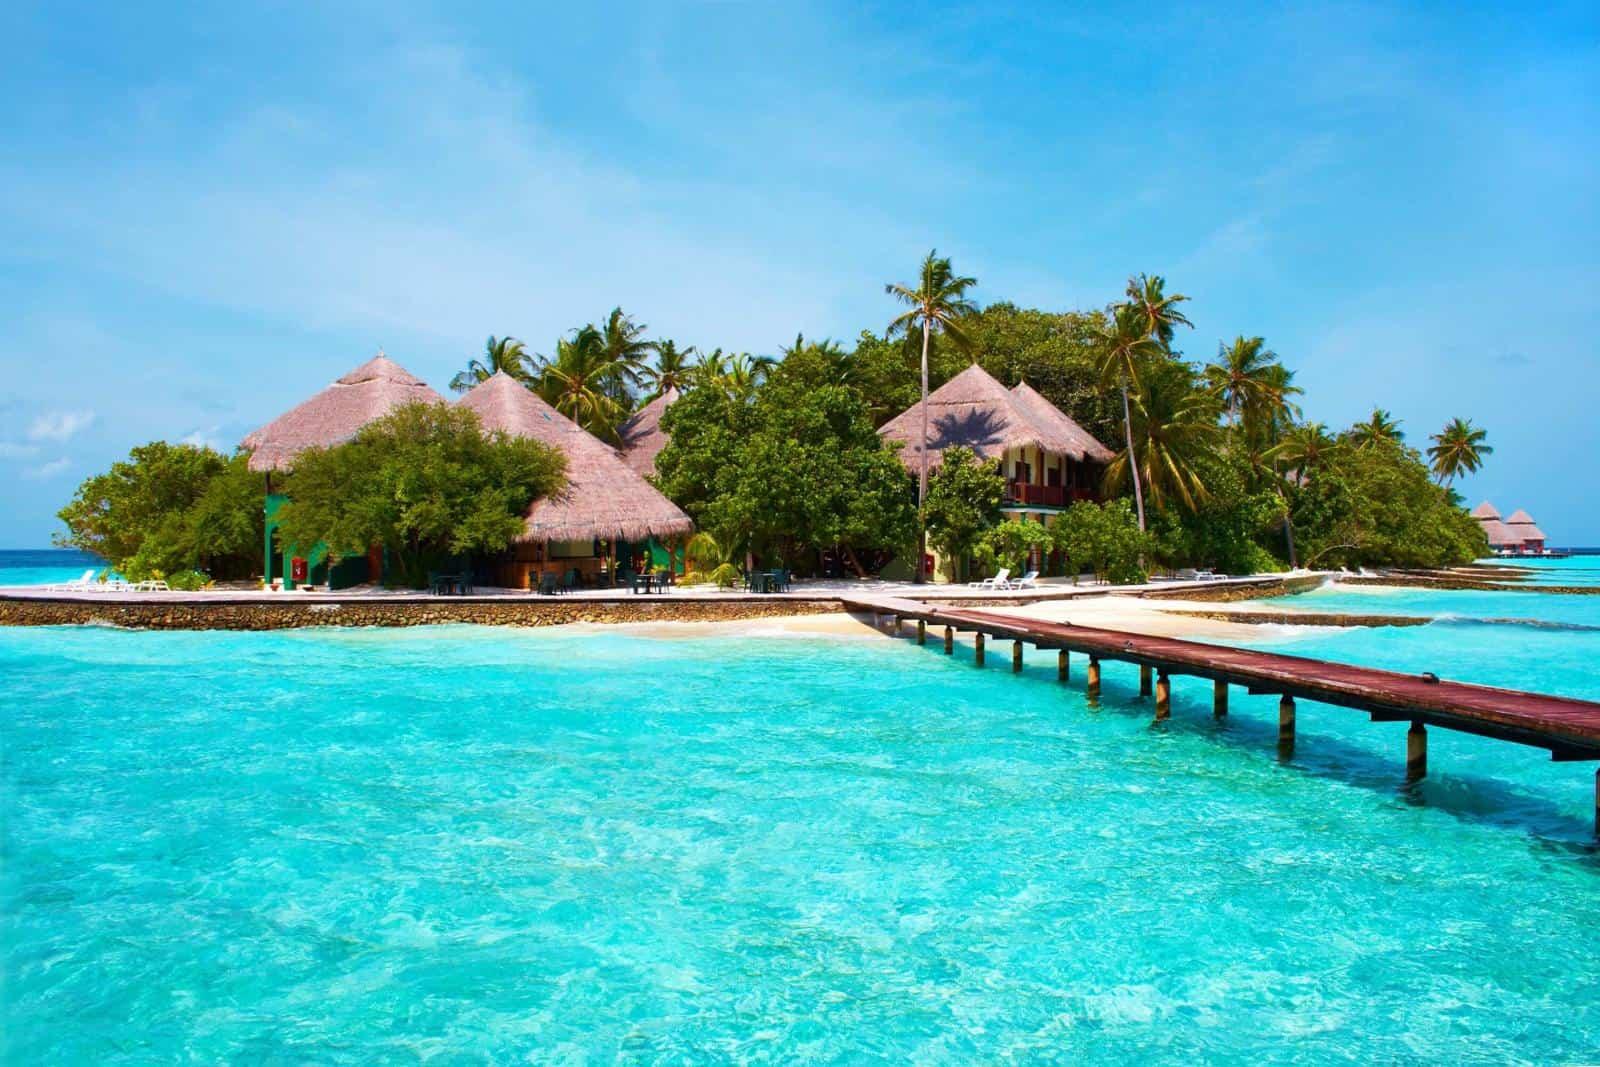 Maldives Island - The Maldives Vs Bora Bora which is better?